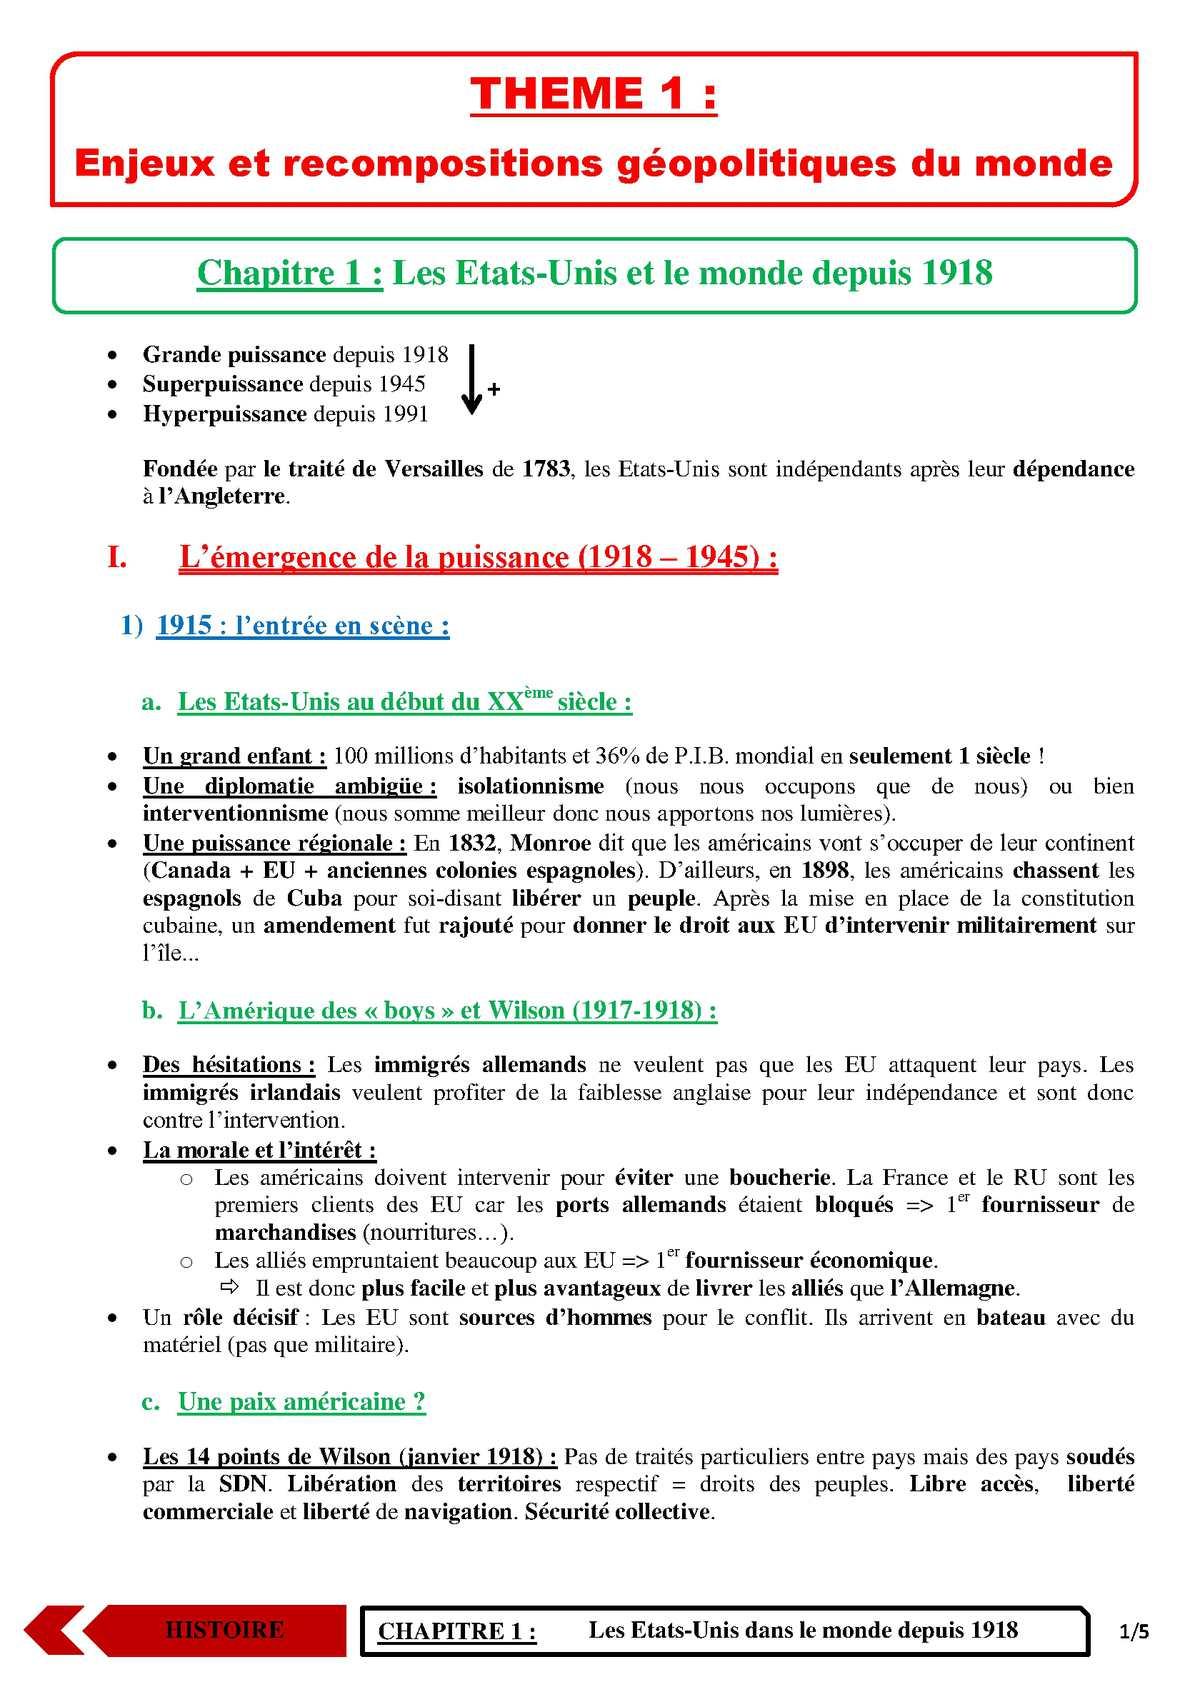 TS - HISTOIRE-GEOGRAPHIE - Chapitre 1 | JéSky.fr